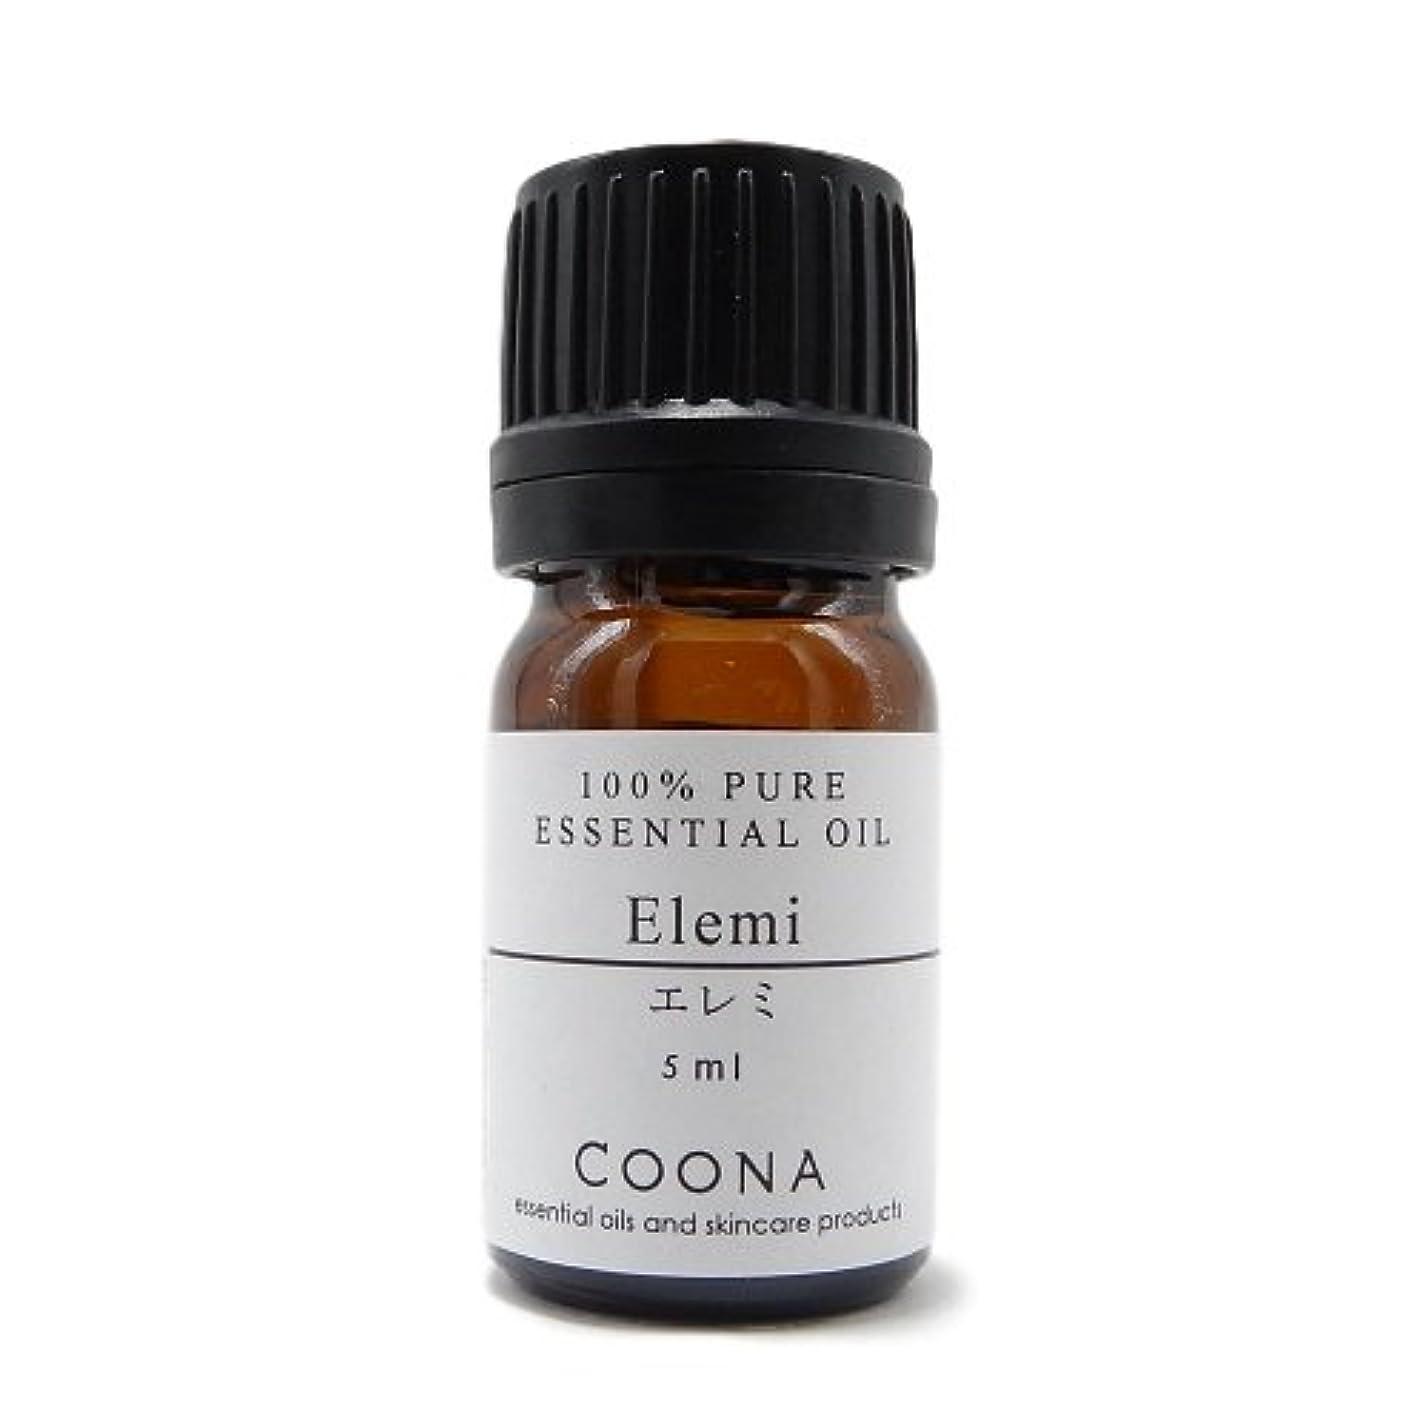 整理する最悪プレビューエレミ 5 ml (COONA エッセンシャルオイル アロマオイル 100%天然植物精油)